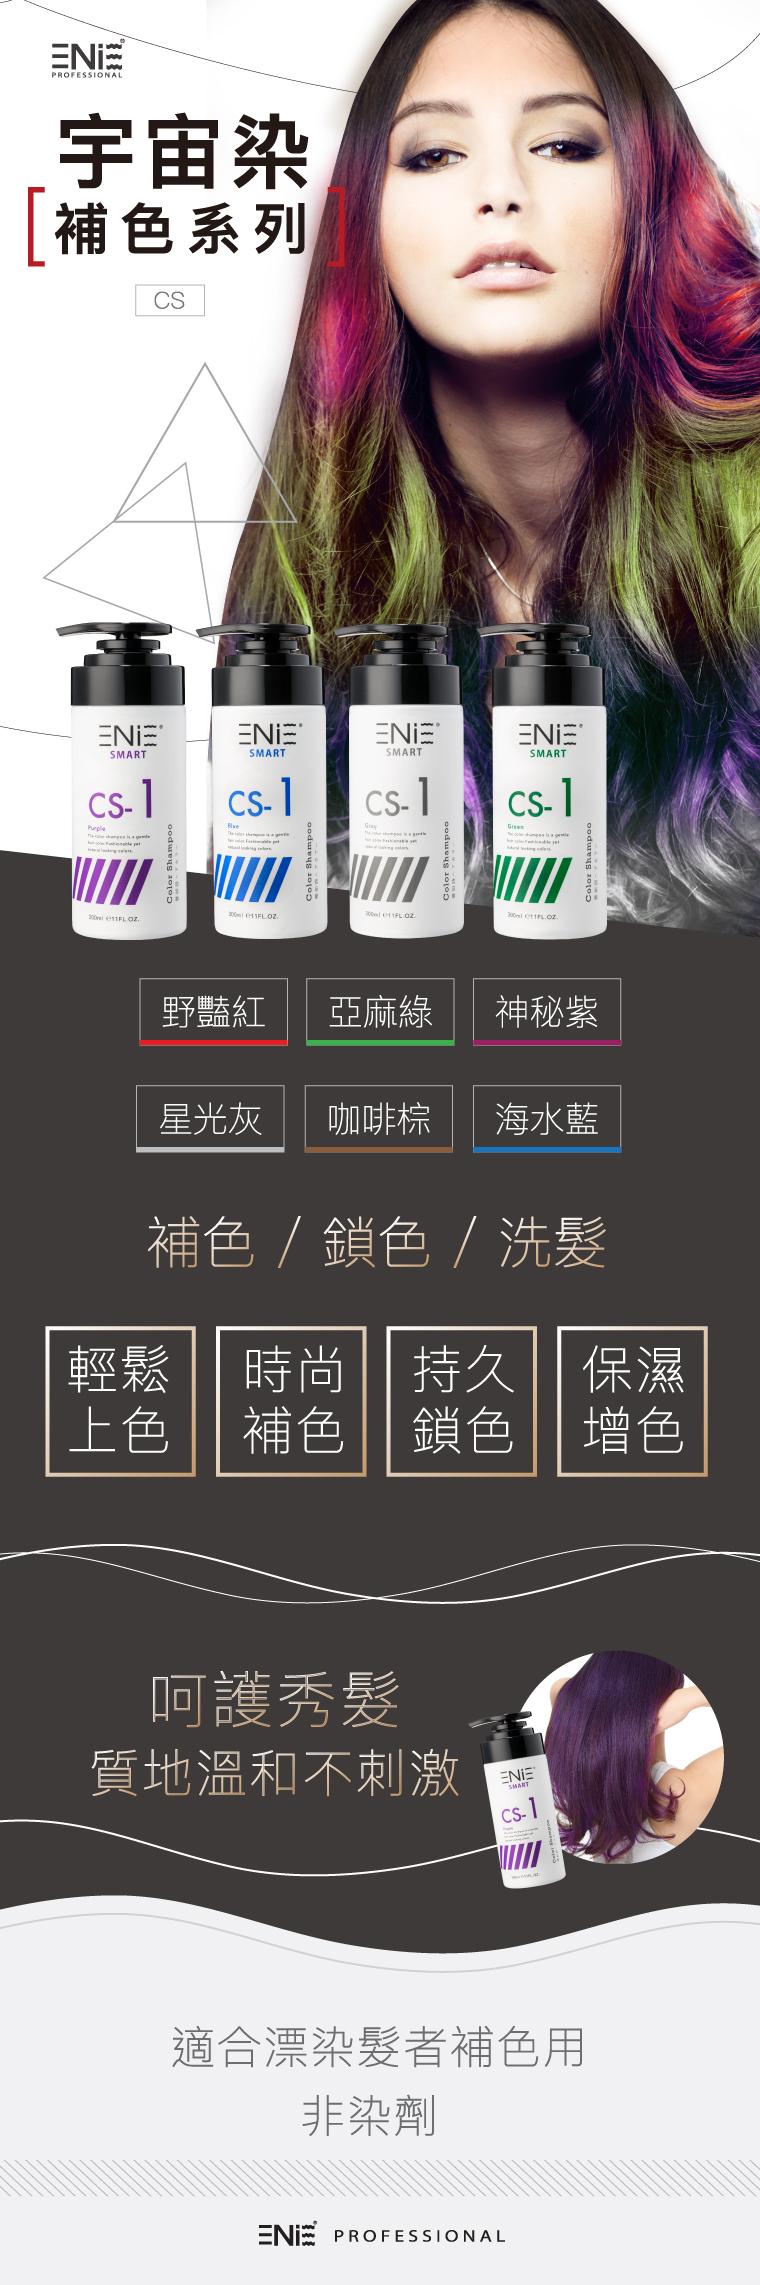 彩色洗髮精EDM.jpg (749 KB)